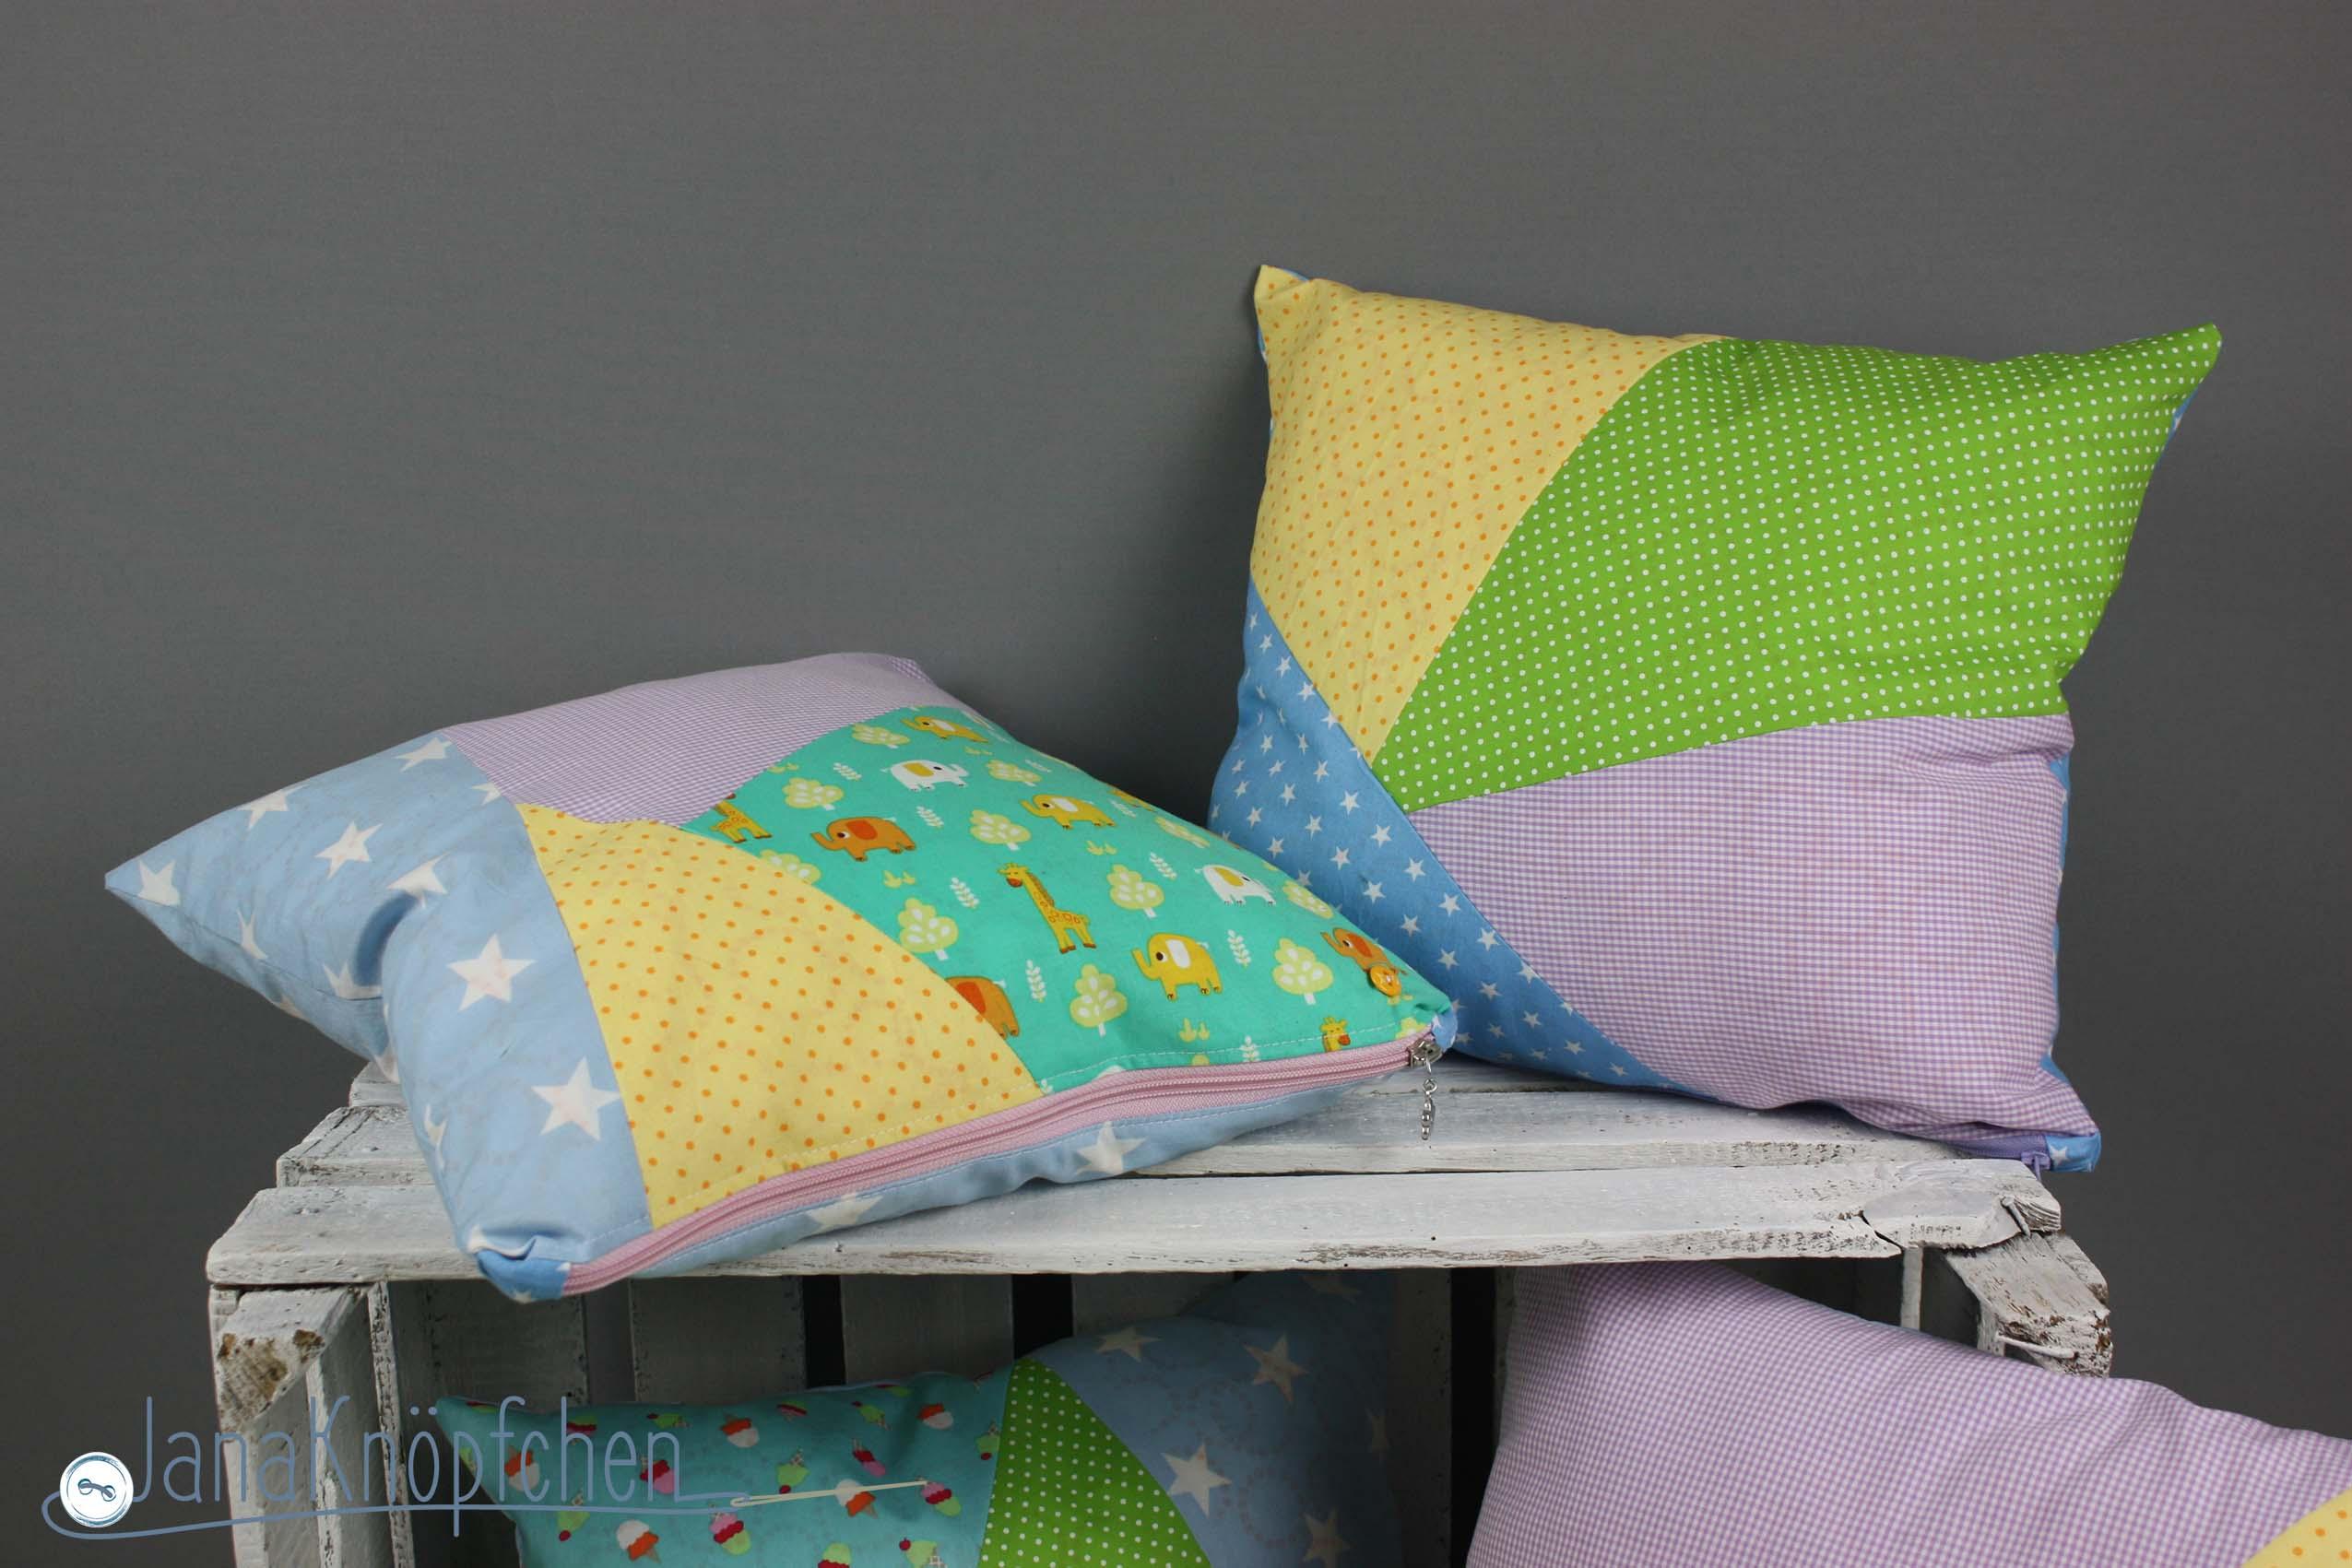 Kissenhüllen Nähen patchworkkissen für die kita eingangsbereich verschönern